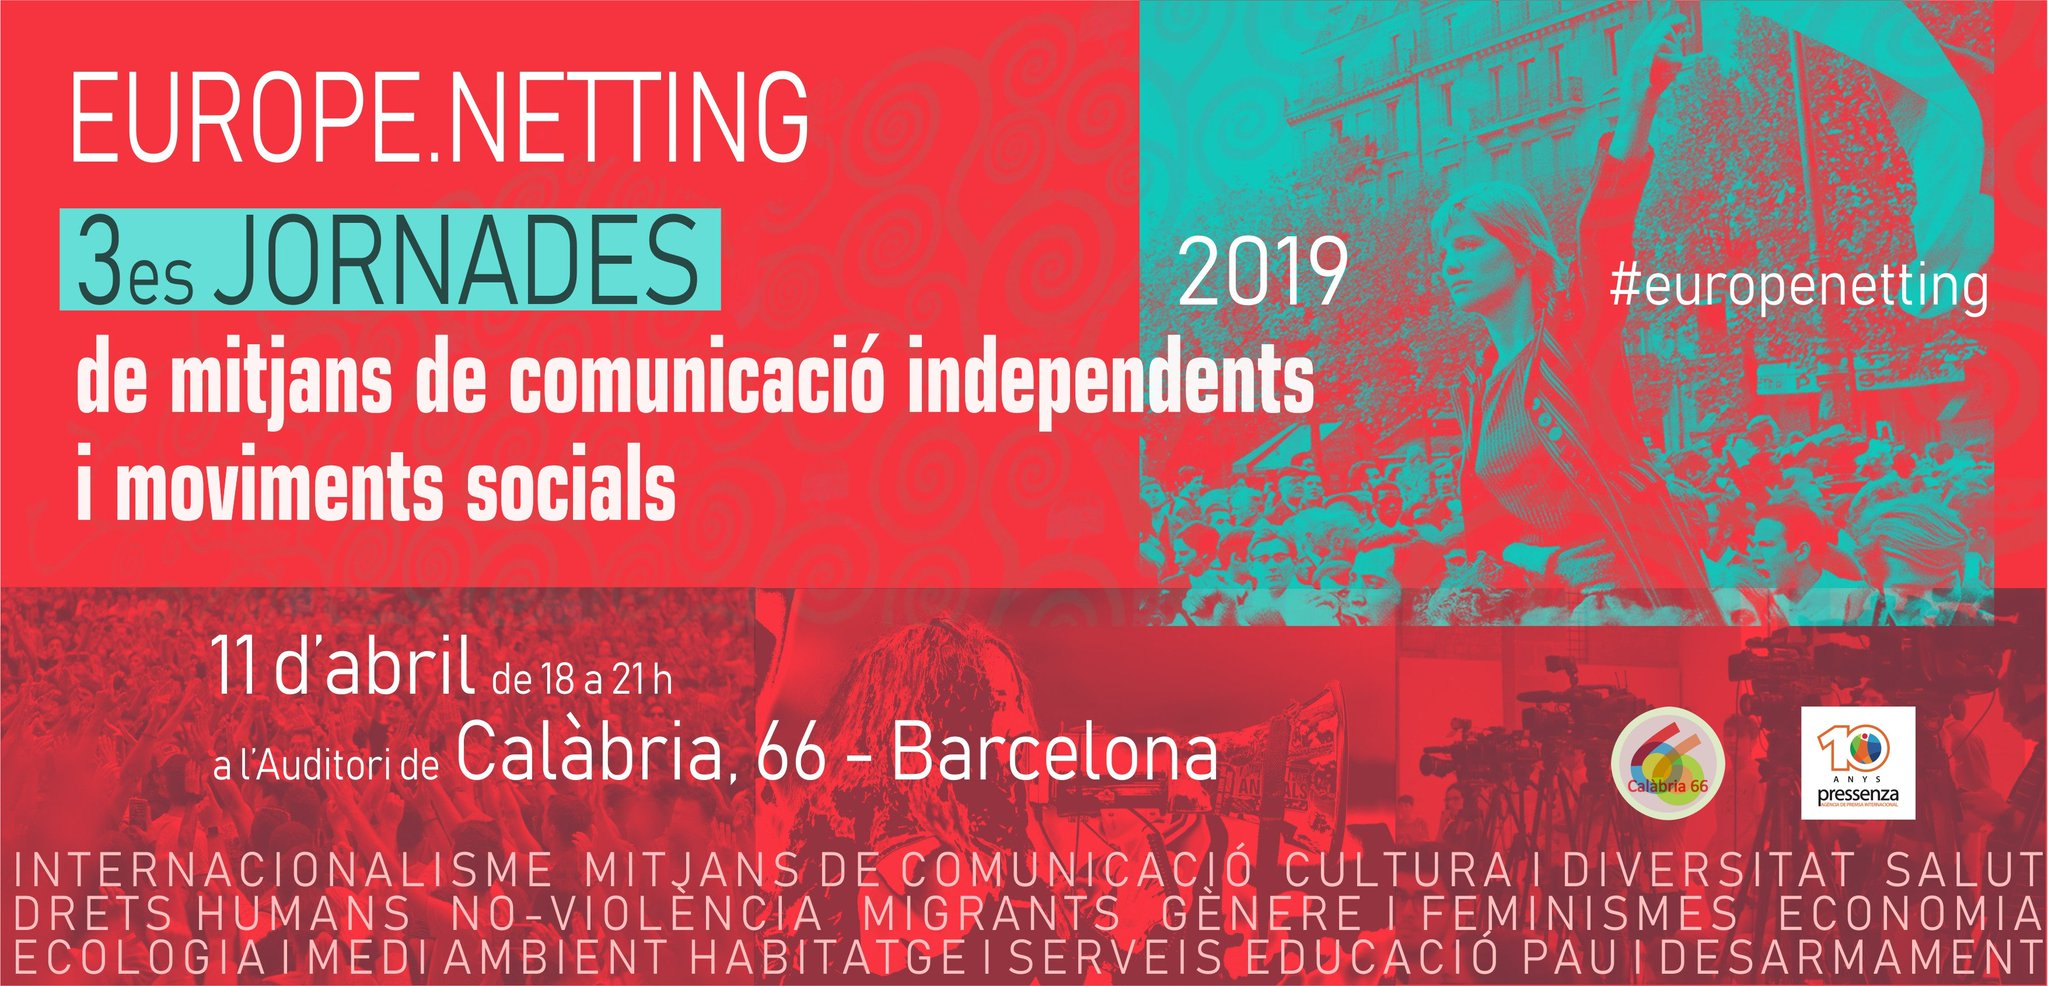 III Jornades de mitjans de comunicació independents i moviments socials